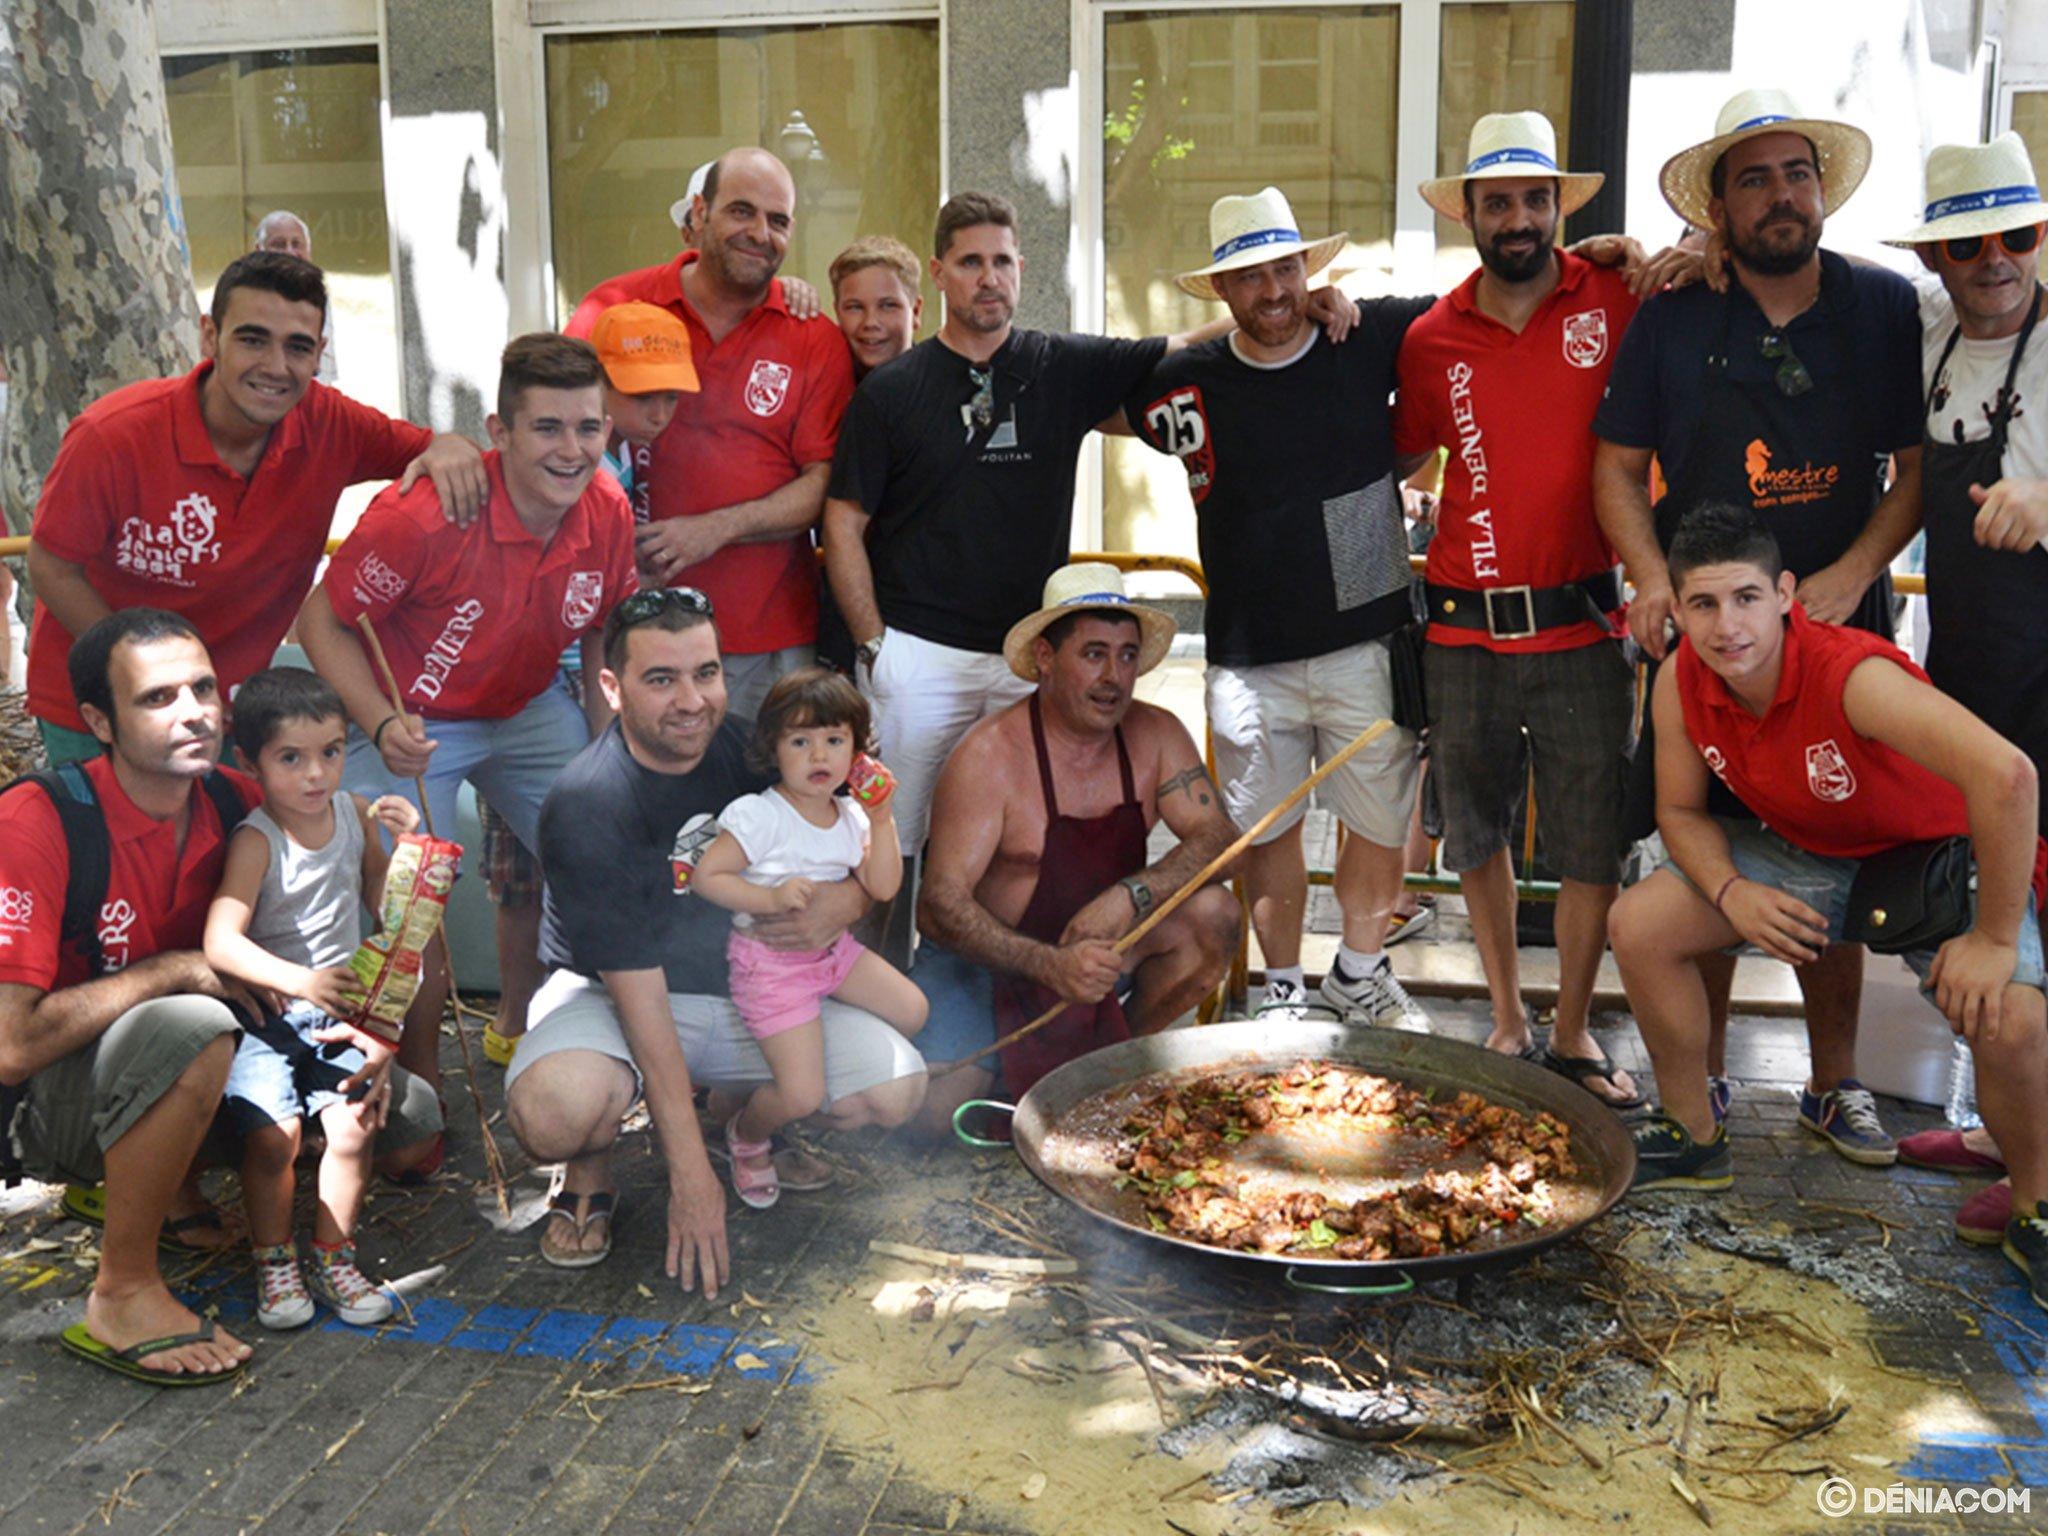 Concours de paella Sant Roc - Filà Deniers